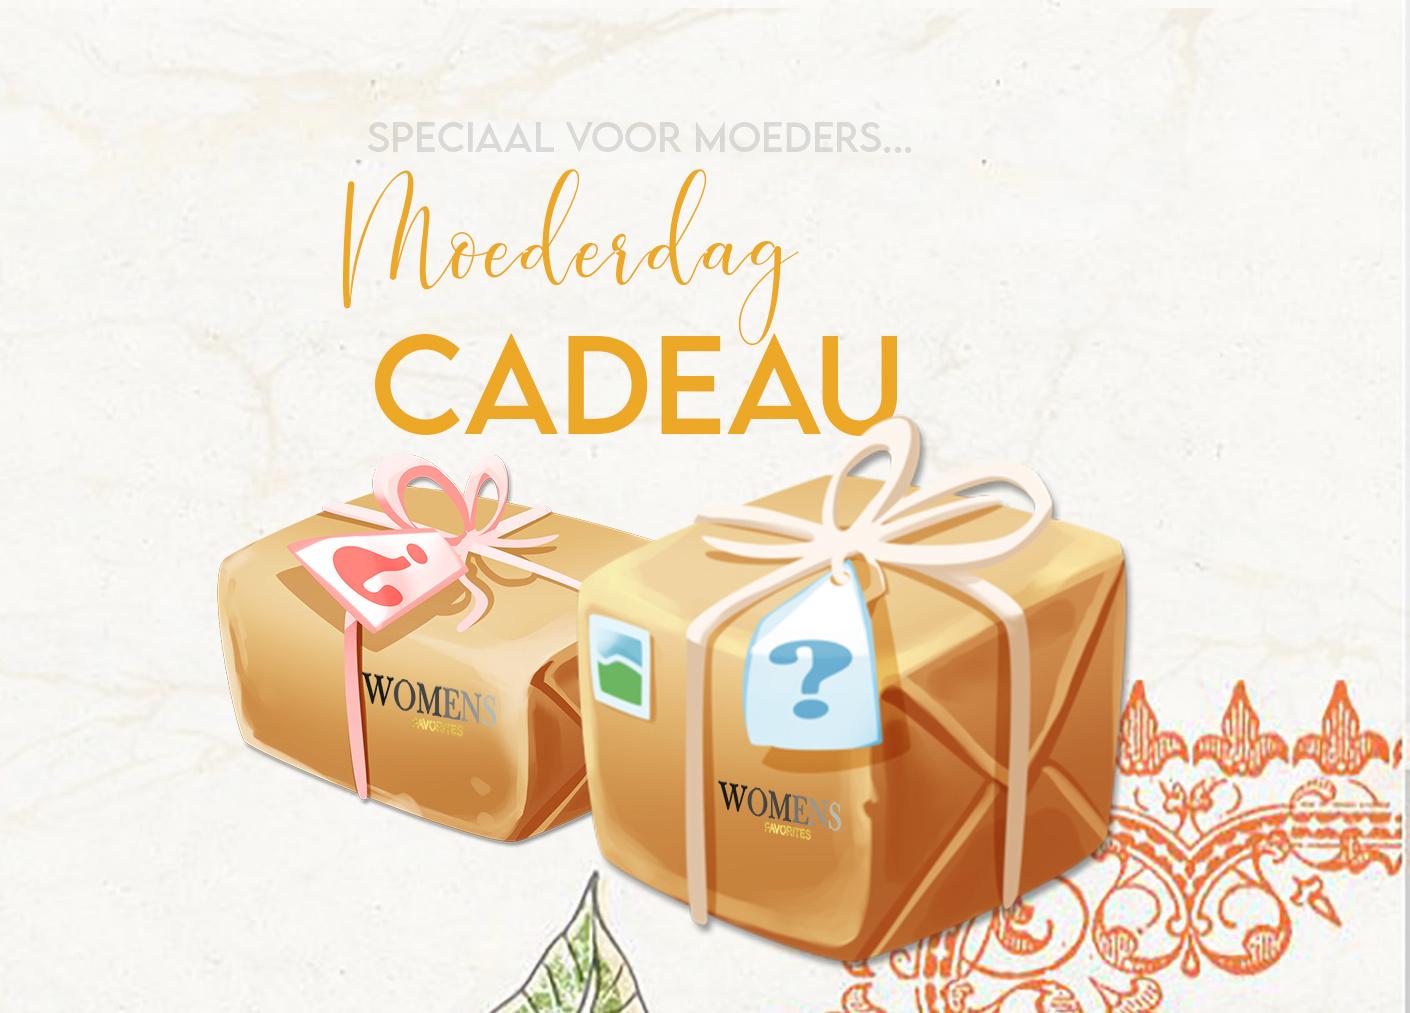 Moederdag cadeau gratis bij je bestelling!